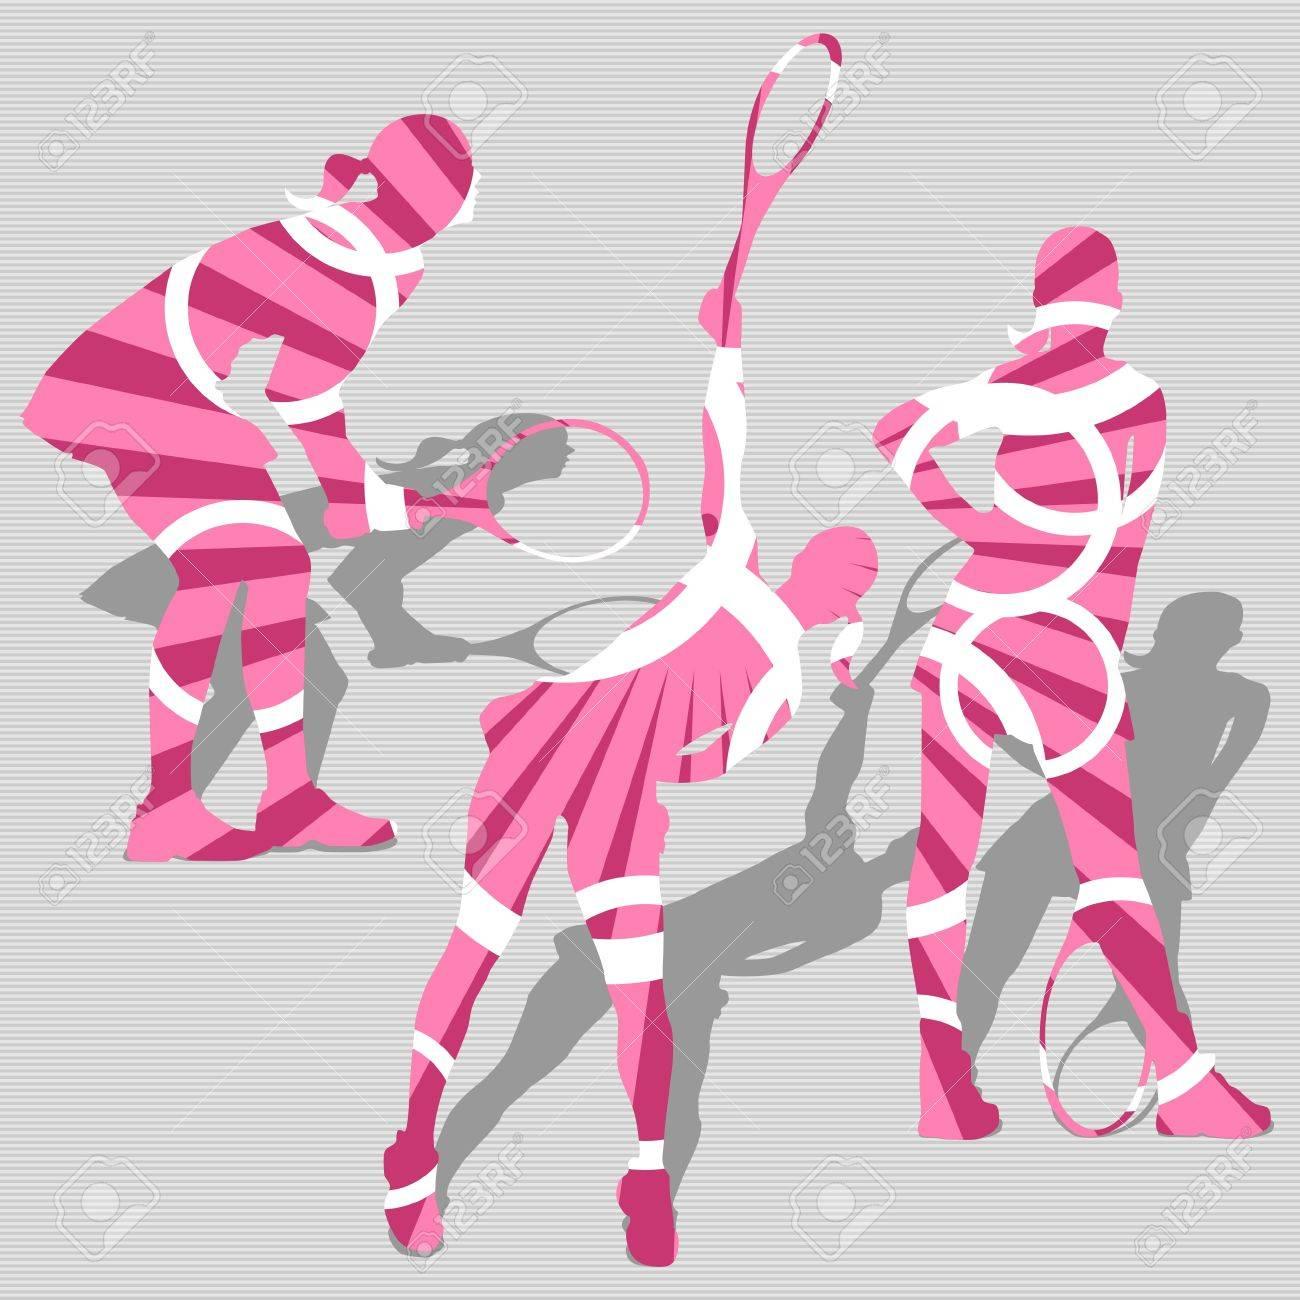 Pink Women s Tennis Sport Silhouettes, modern design Stock Vector - 12813179